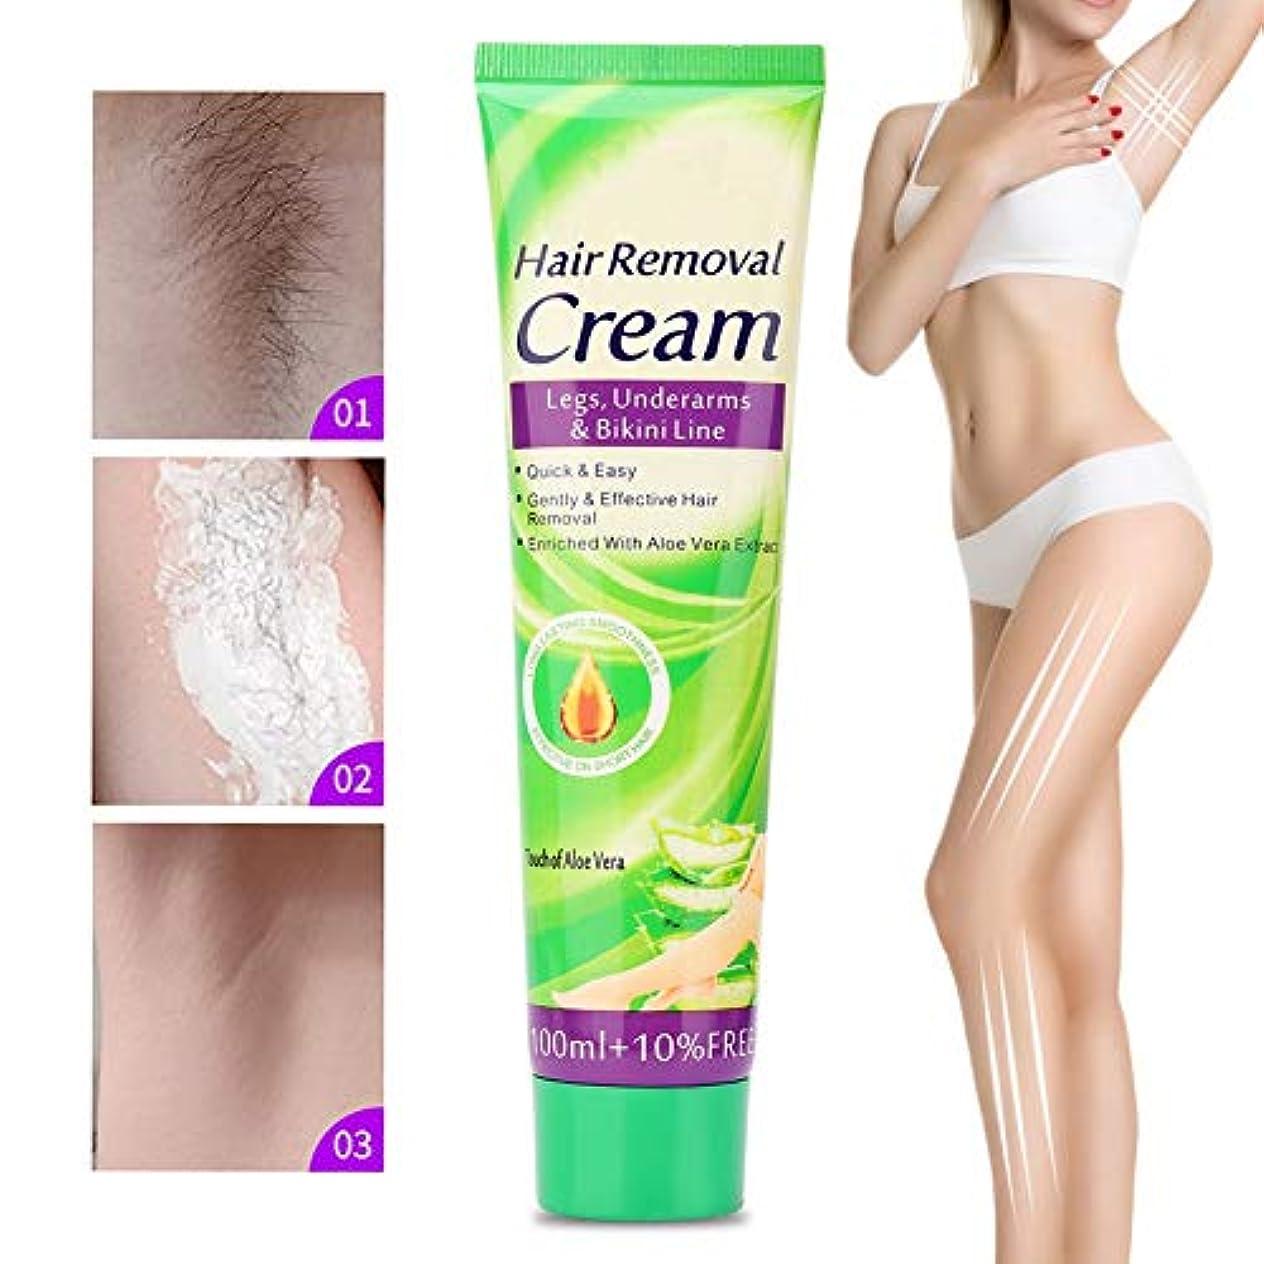 瞬時にオーラル猛烈な110ml脱毛クリーム、痛みのない安全でプレミアムソフトな脱毛クリーム男性と女性が脚の腕の下で使用するのに便利